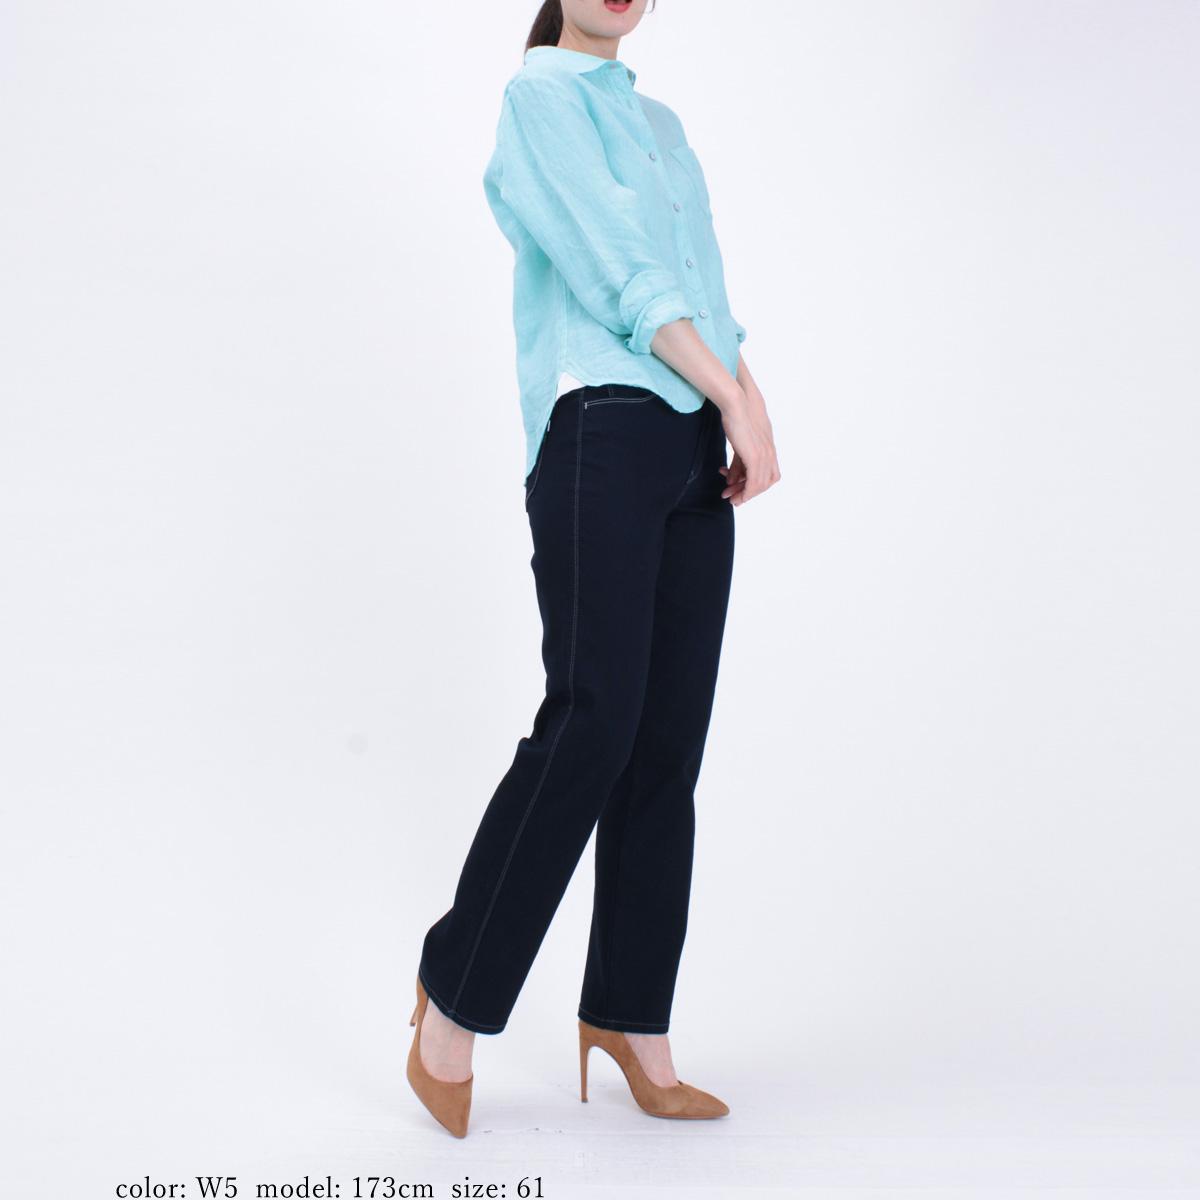 【SALE】Mrs.Jeana GOLD ■涼■ クールストレッチデニム サマーディナーストレート GM3852